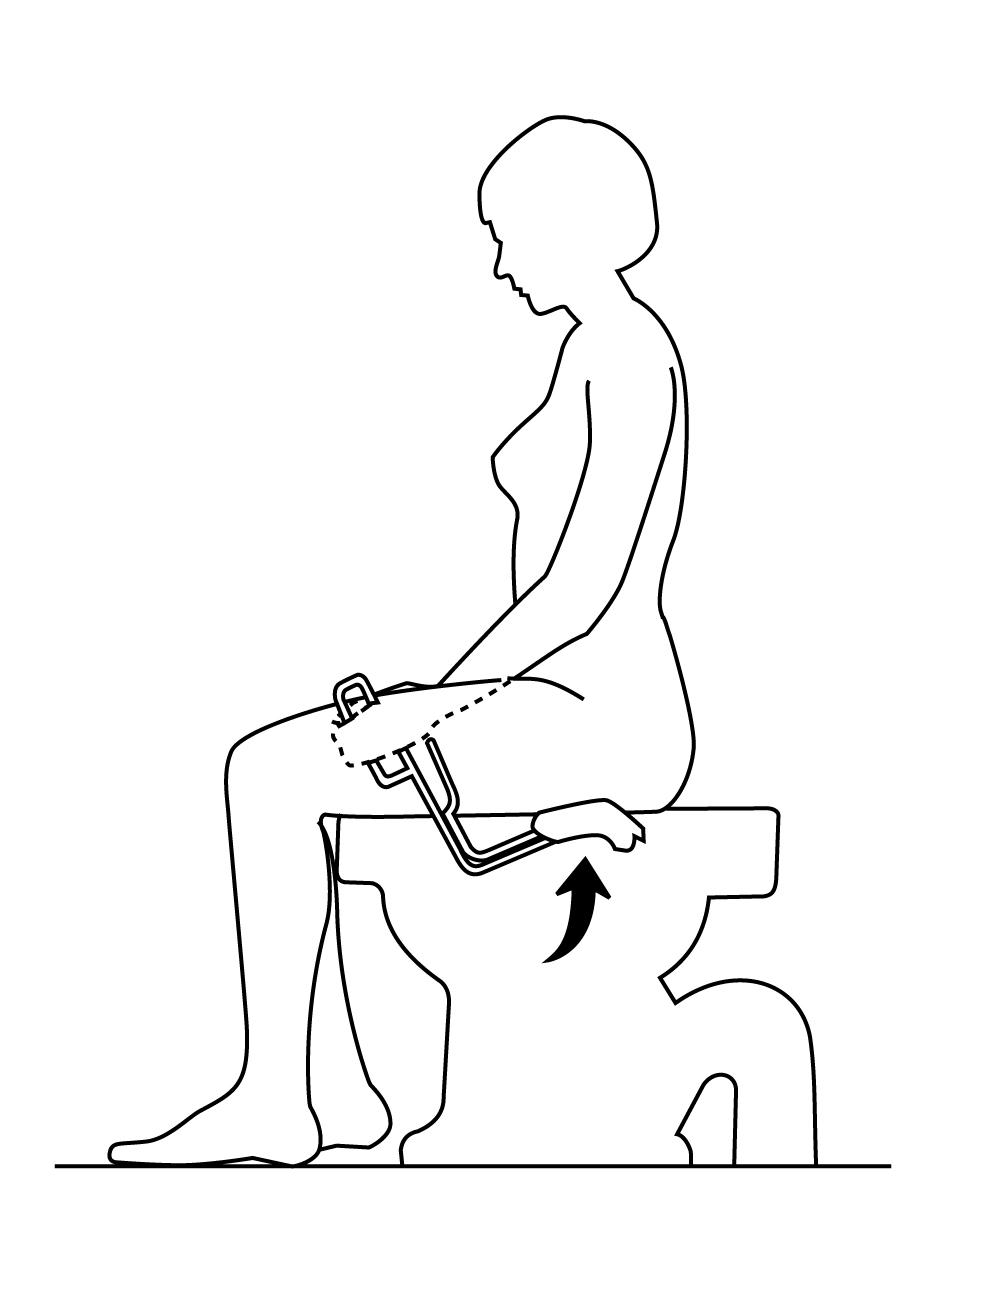 Etape 3 : placez la pince entre vos jambes